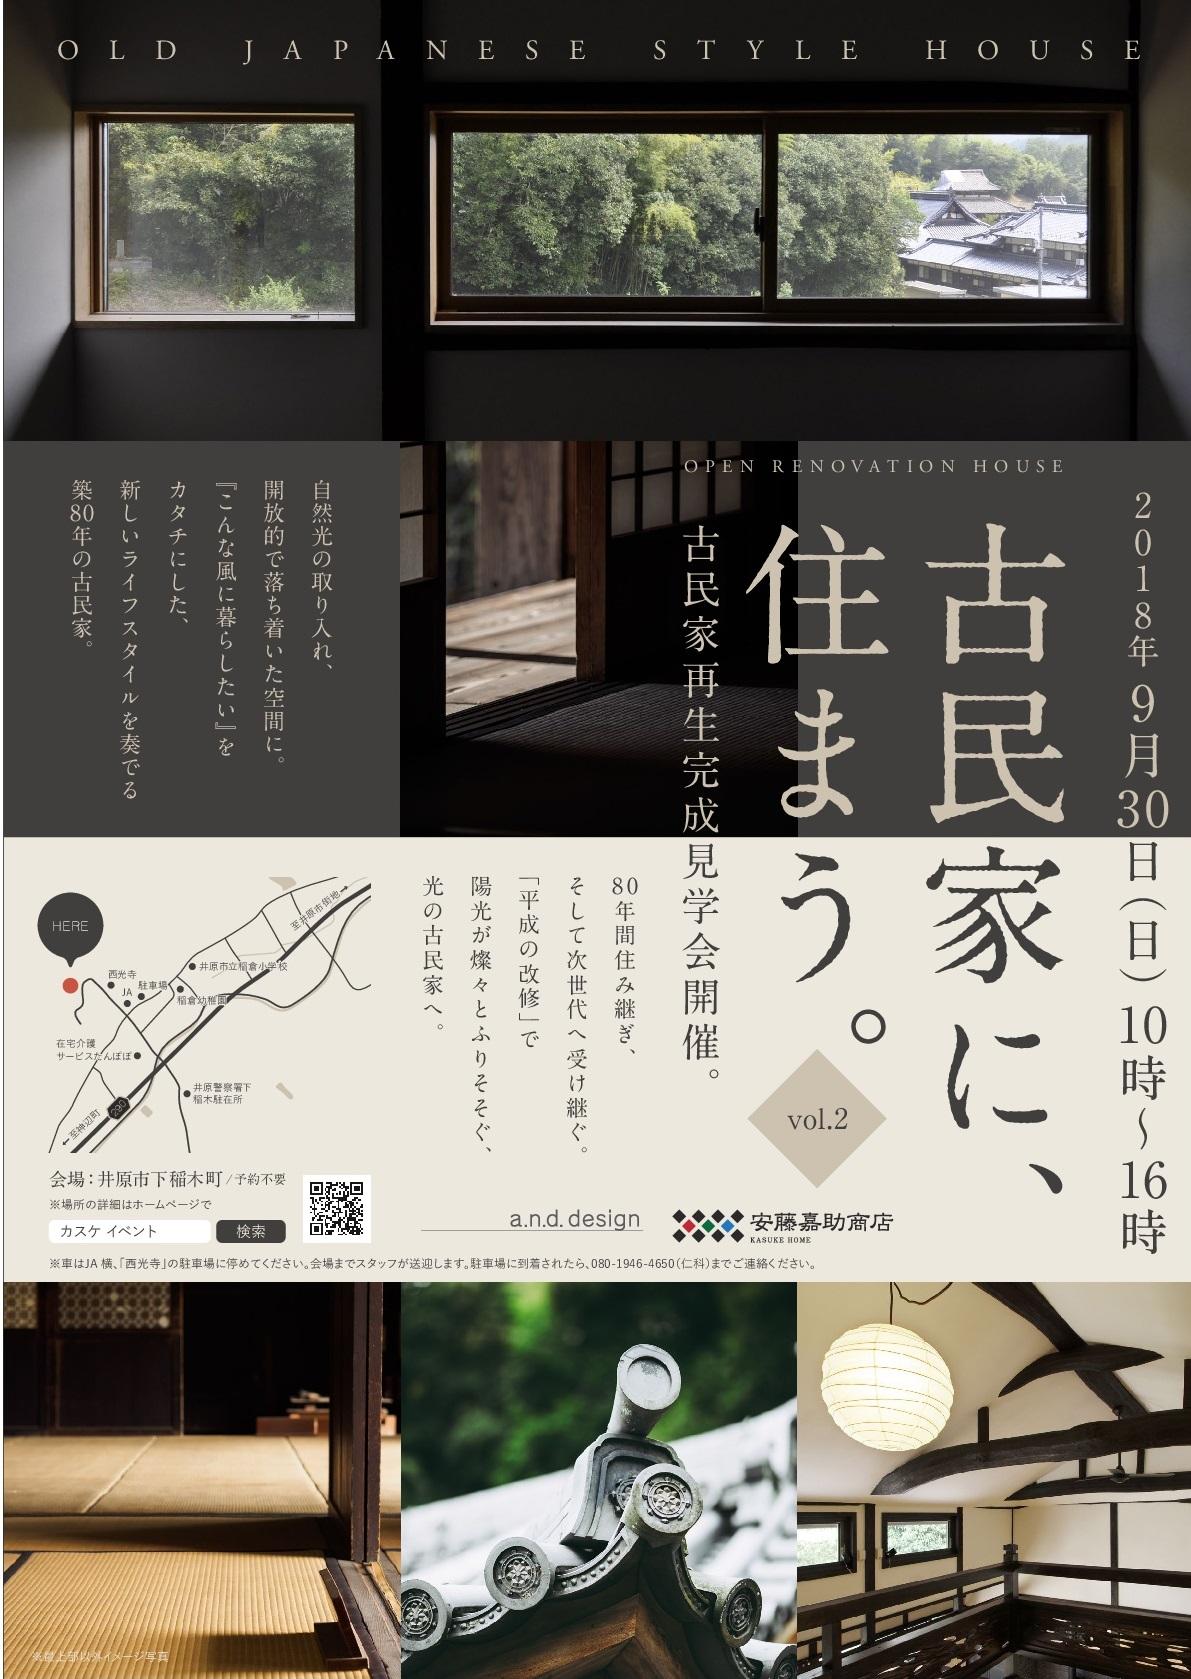 【井原市】古民家再生完成見学会